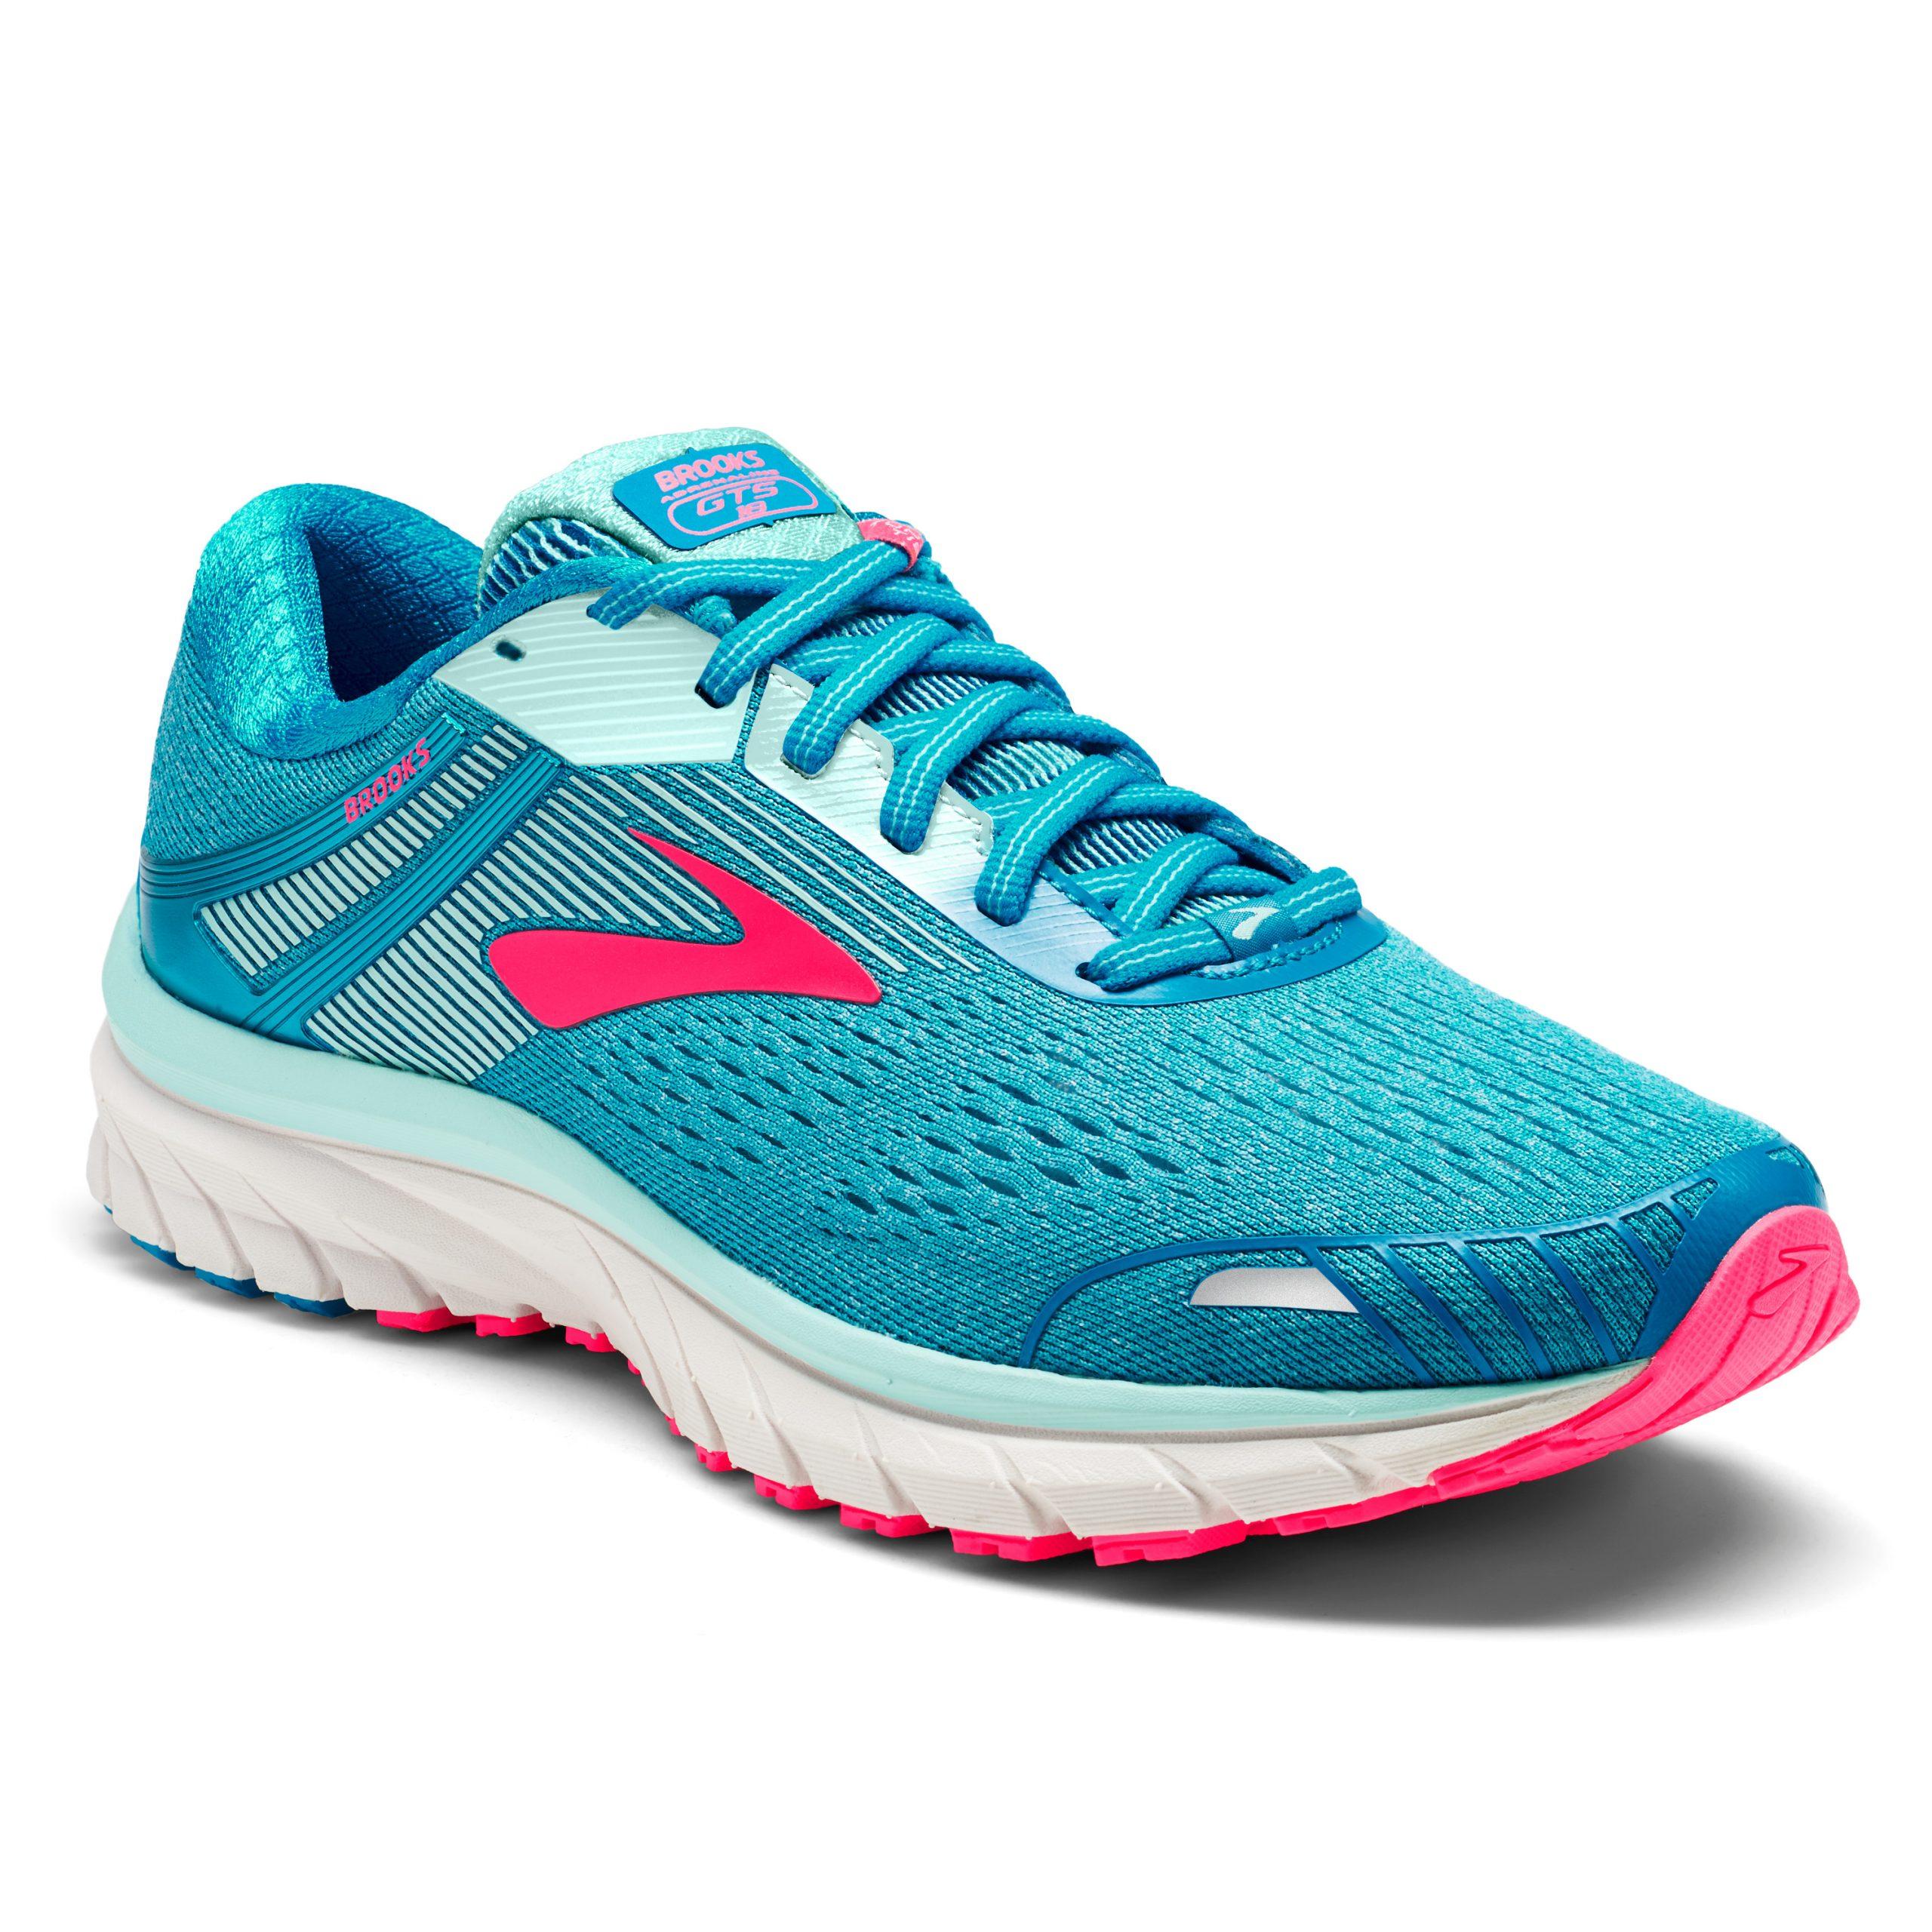 ADRENALINE GTS 18 - Brooks Running Shoes SA